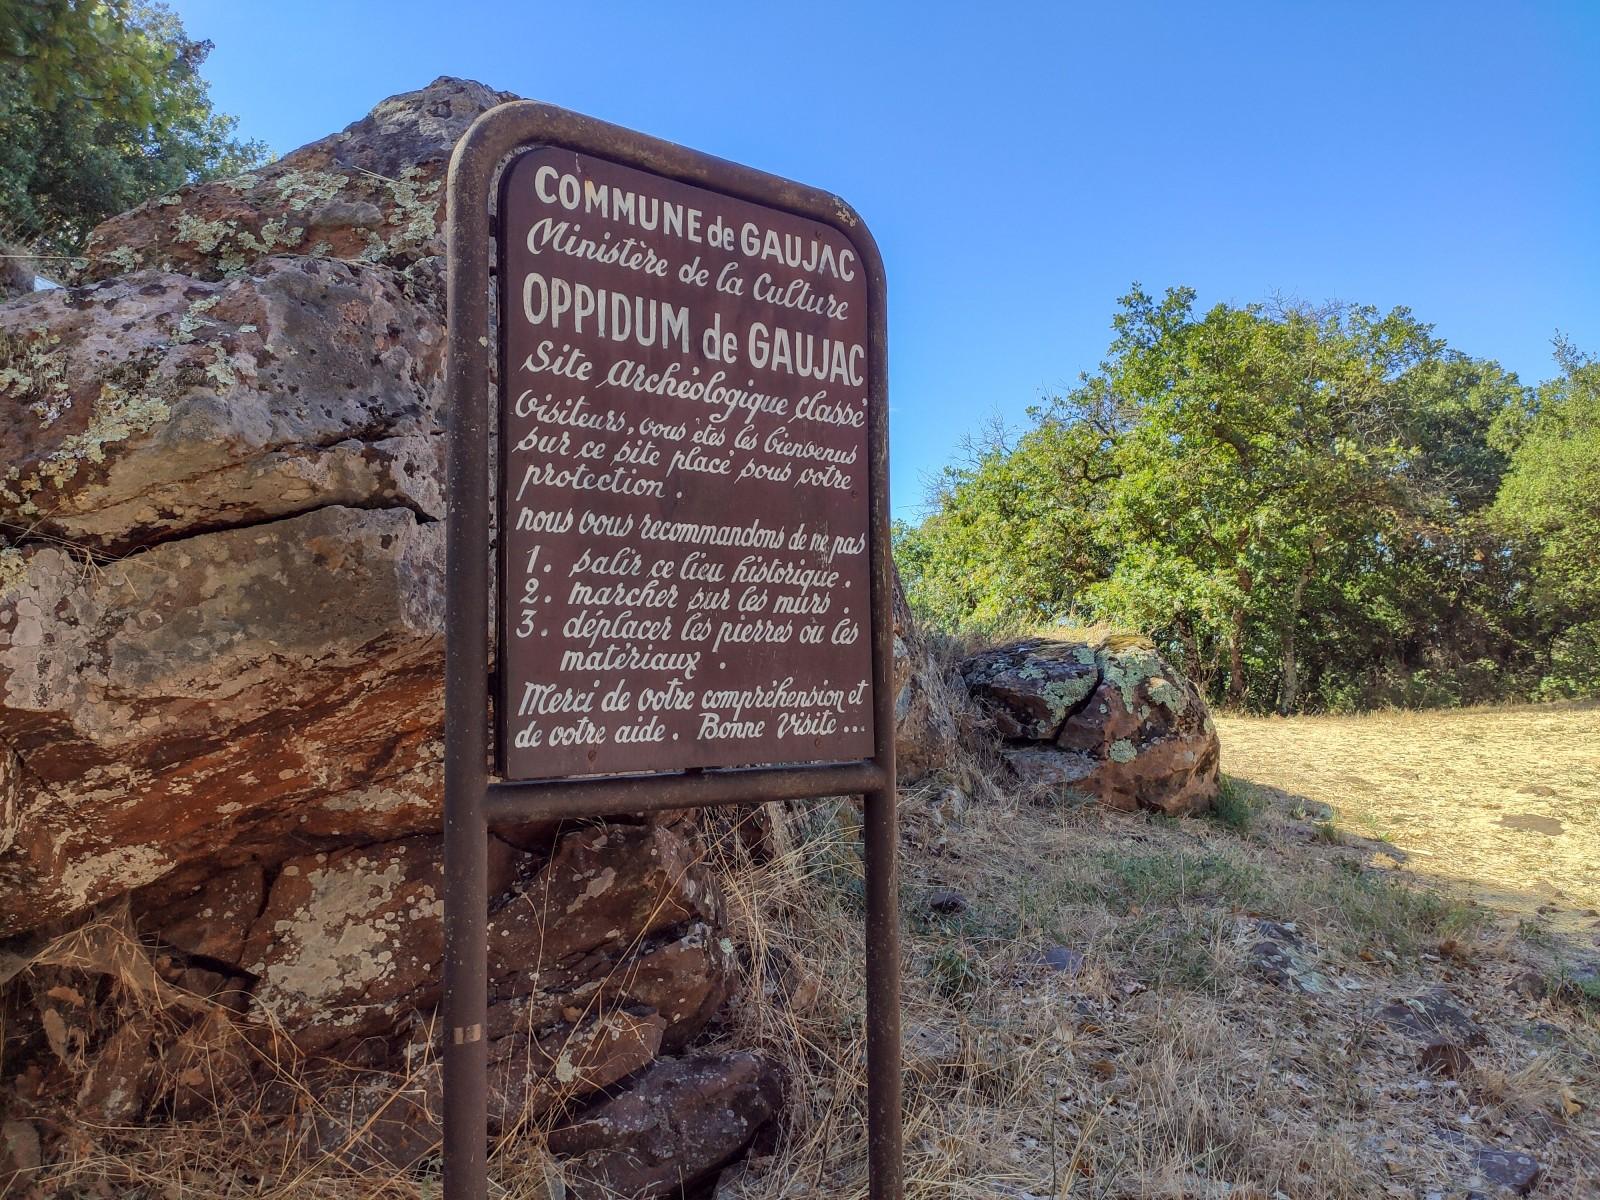 oppidum provence occitane